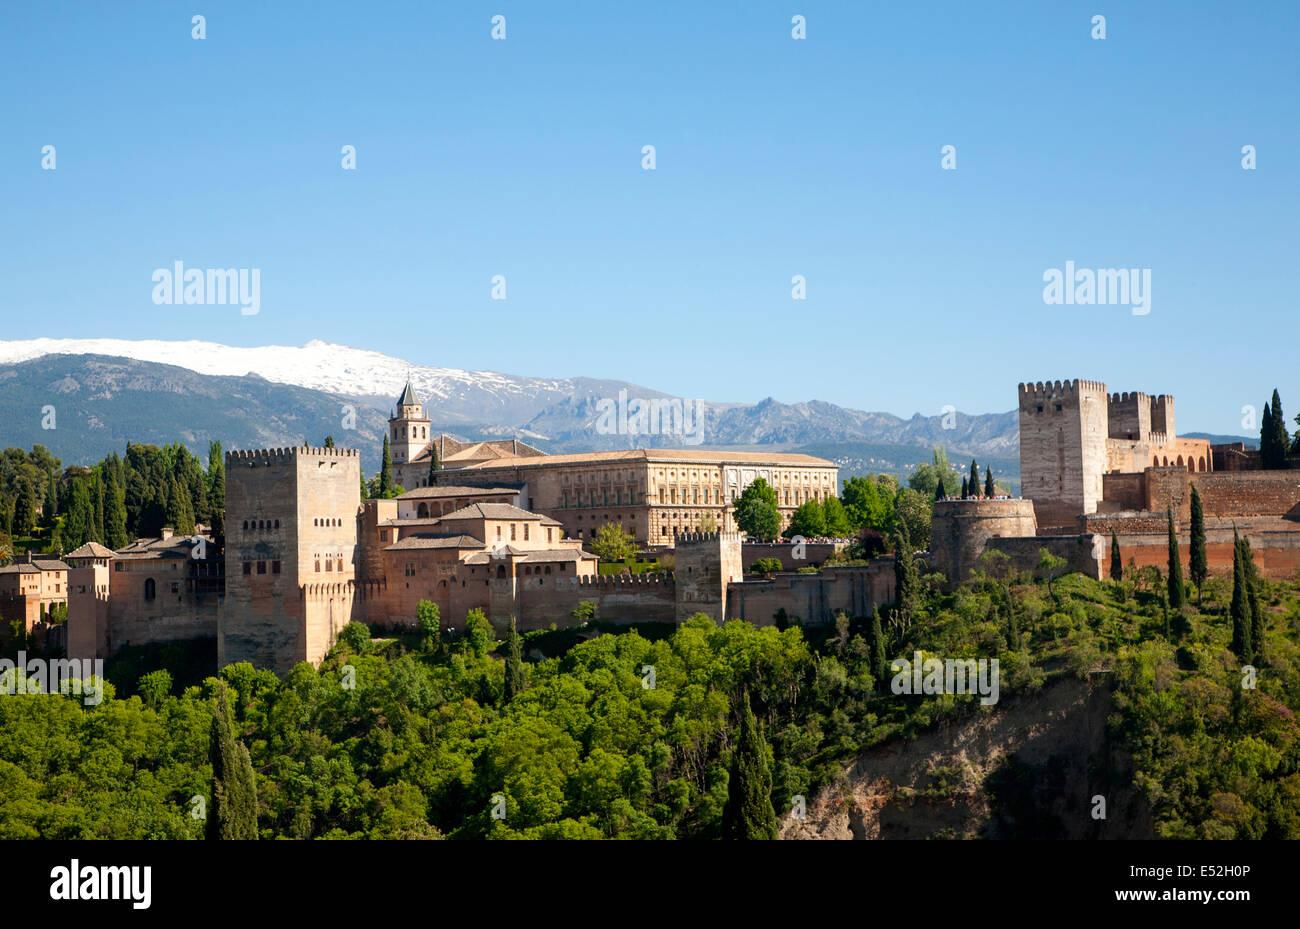 Schneebedeckte Gipfel der Berge der Sierra Nevada und die Alhambra, Granada, Spanien Stockbild